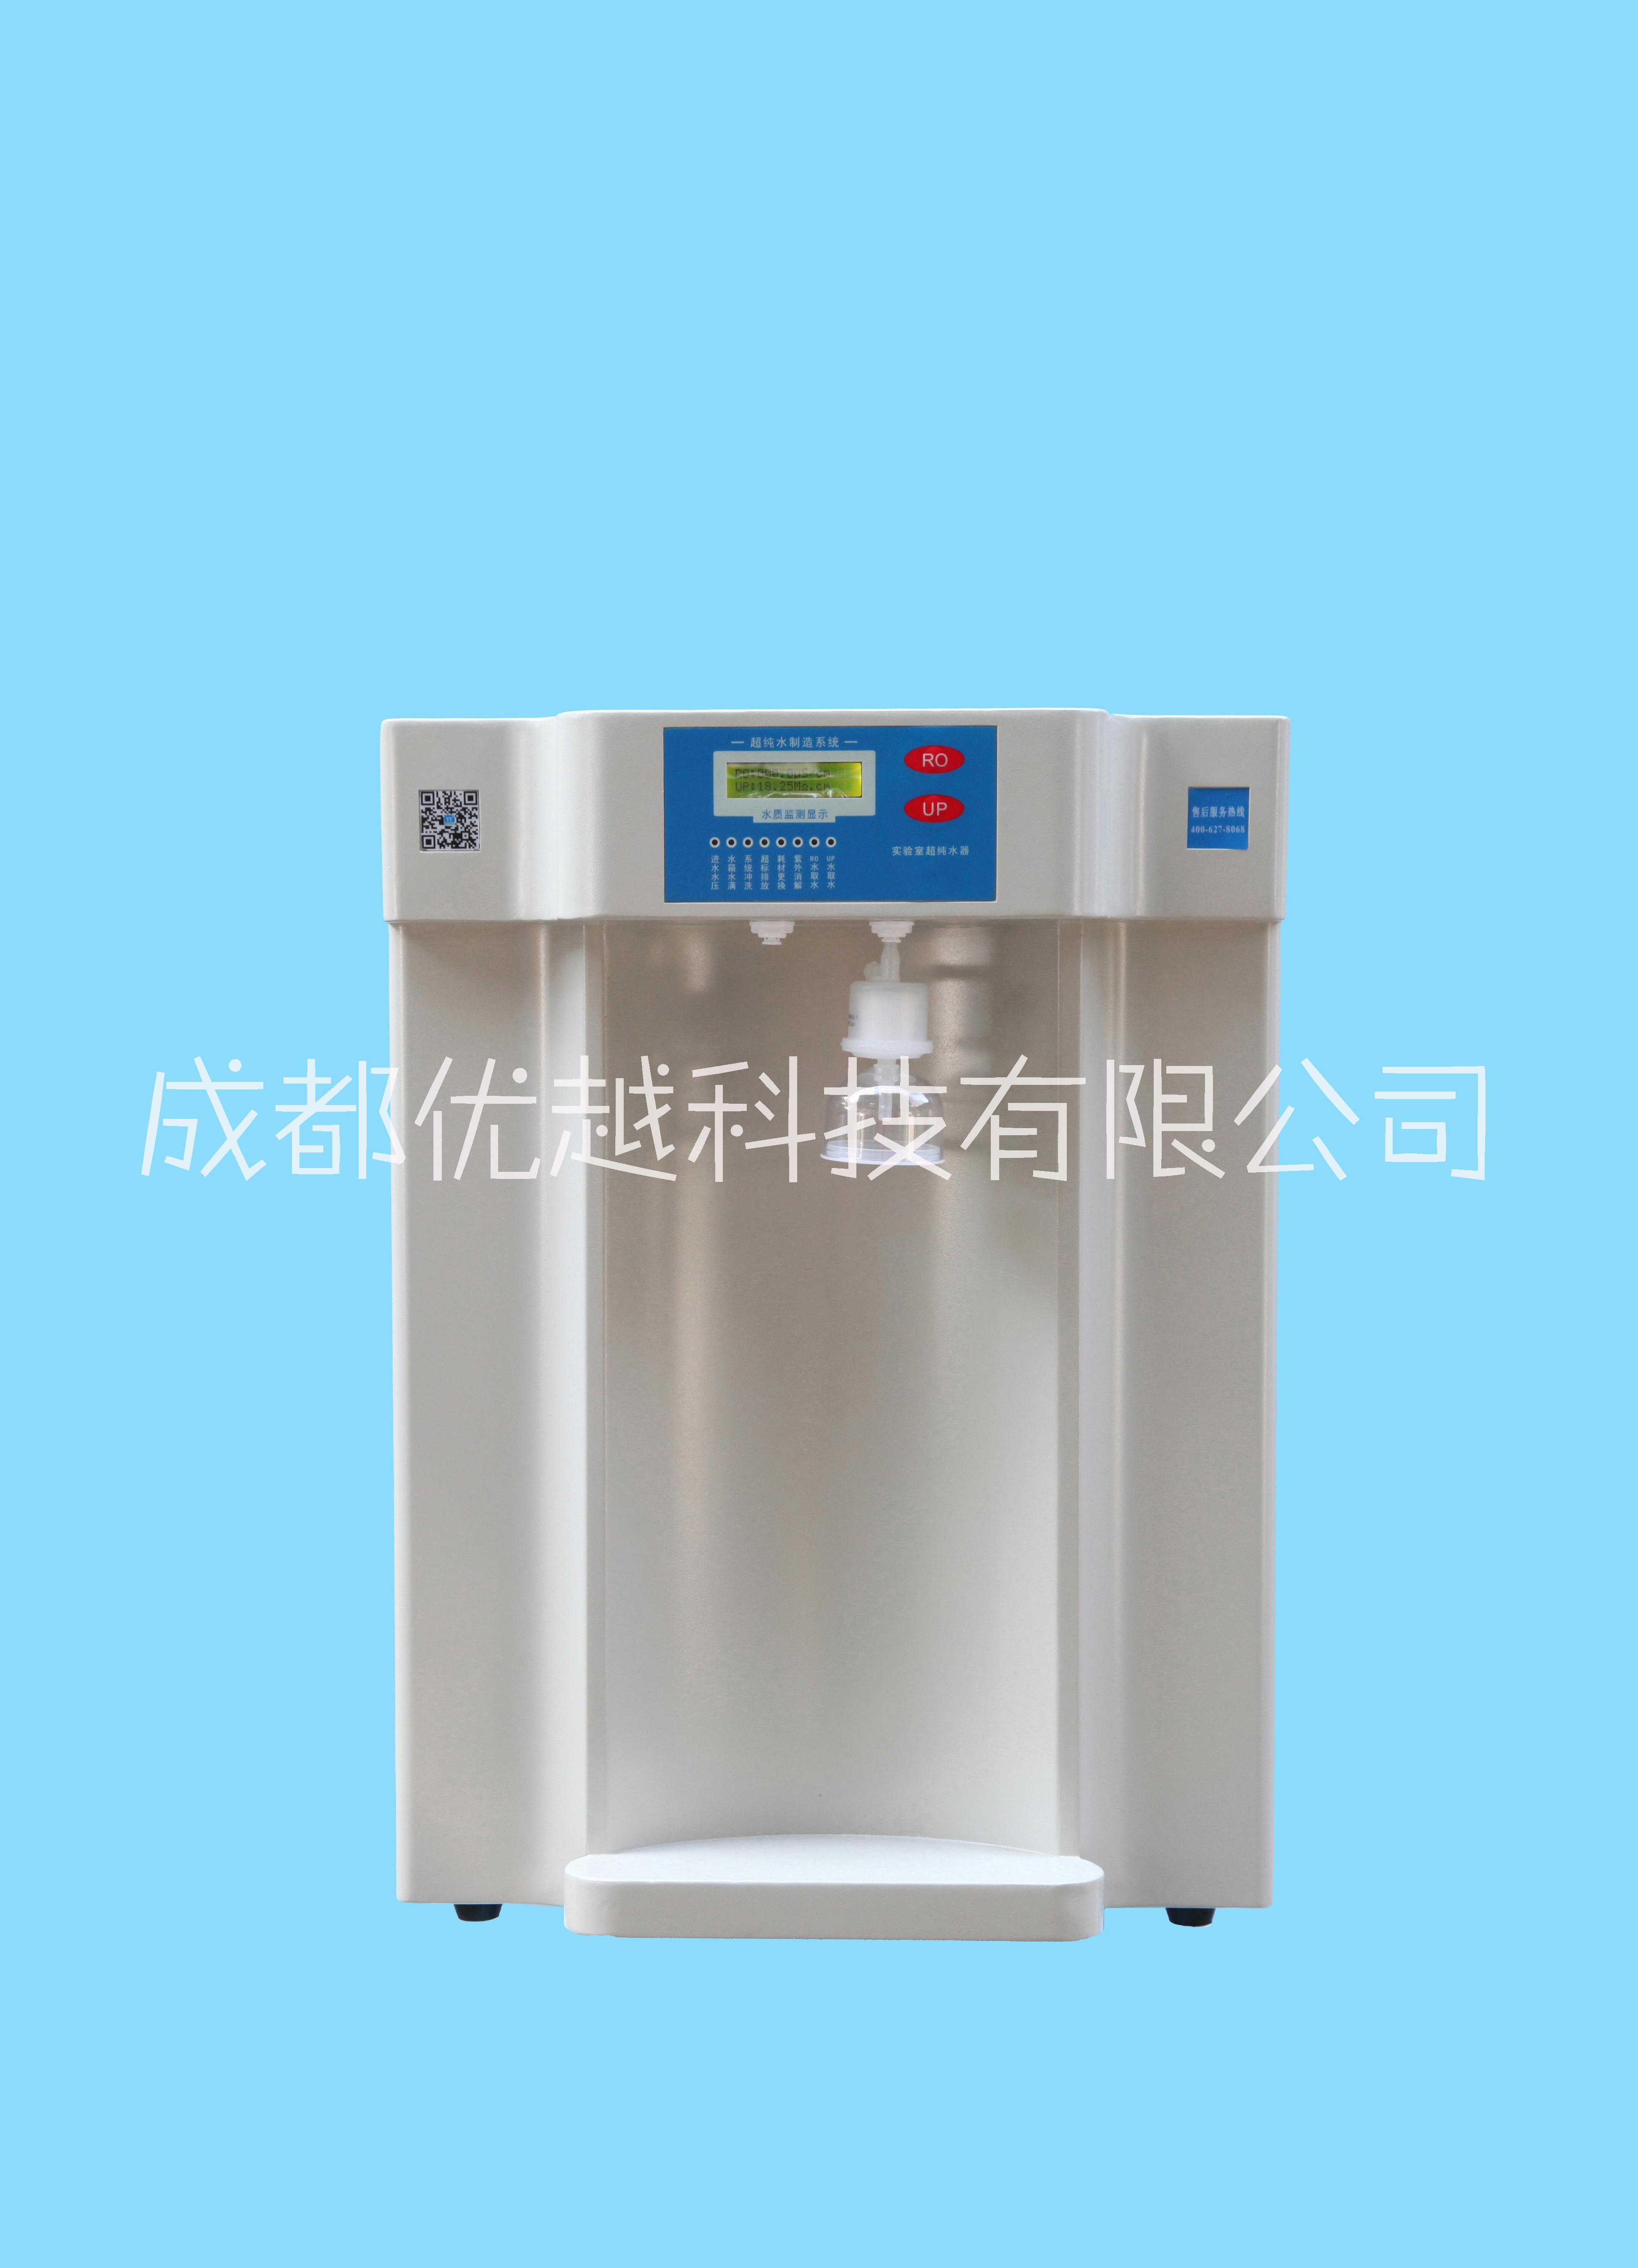 重庆超纯水器YYUPH系列厂家、制造商、热线【成都优越科技有限公司】